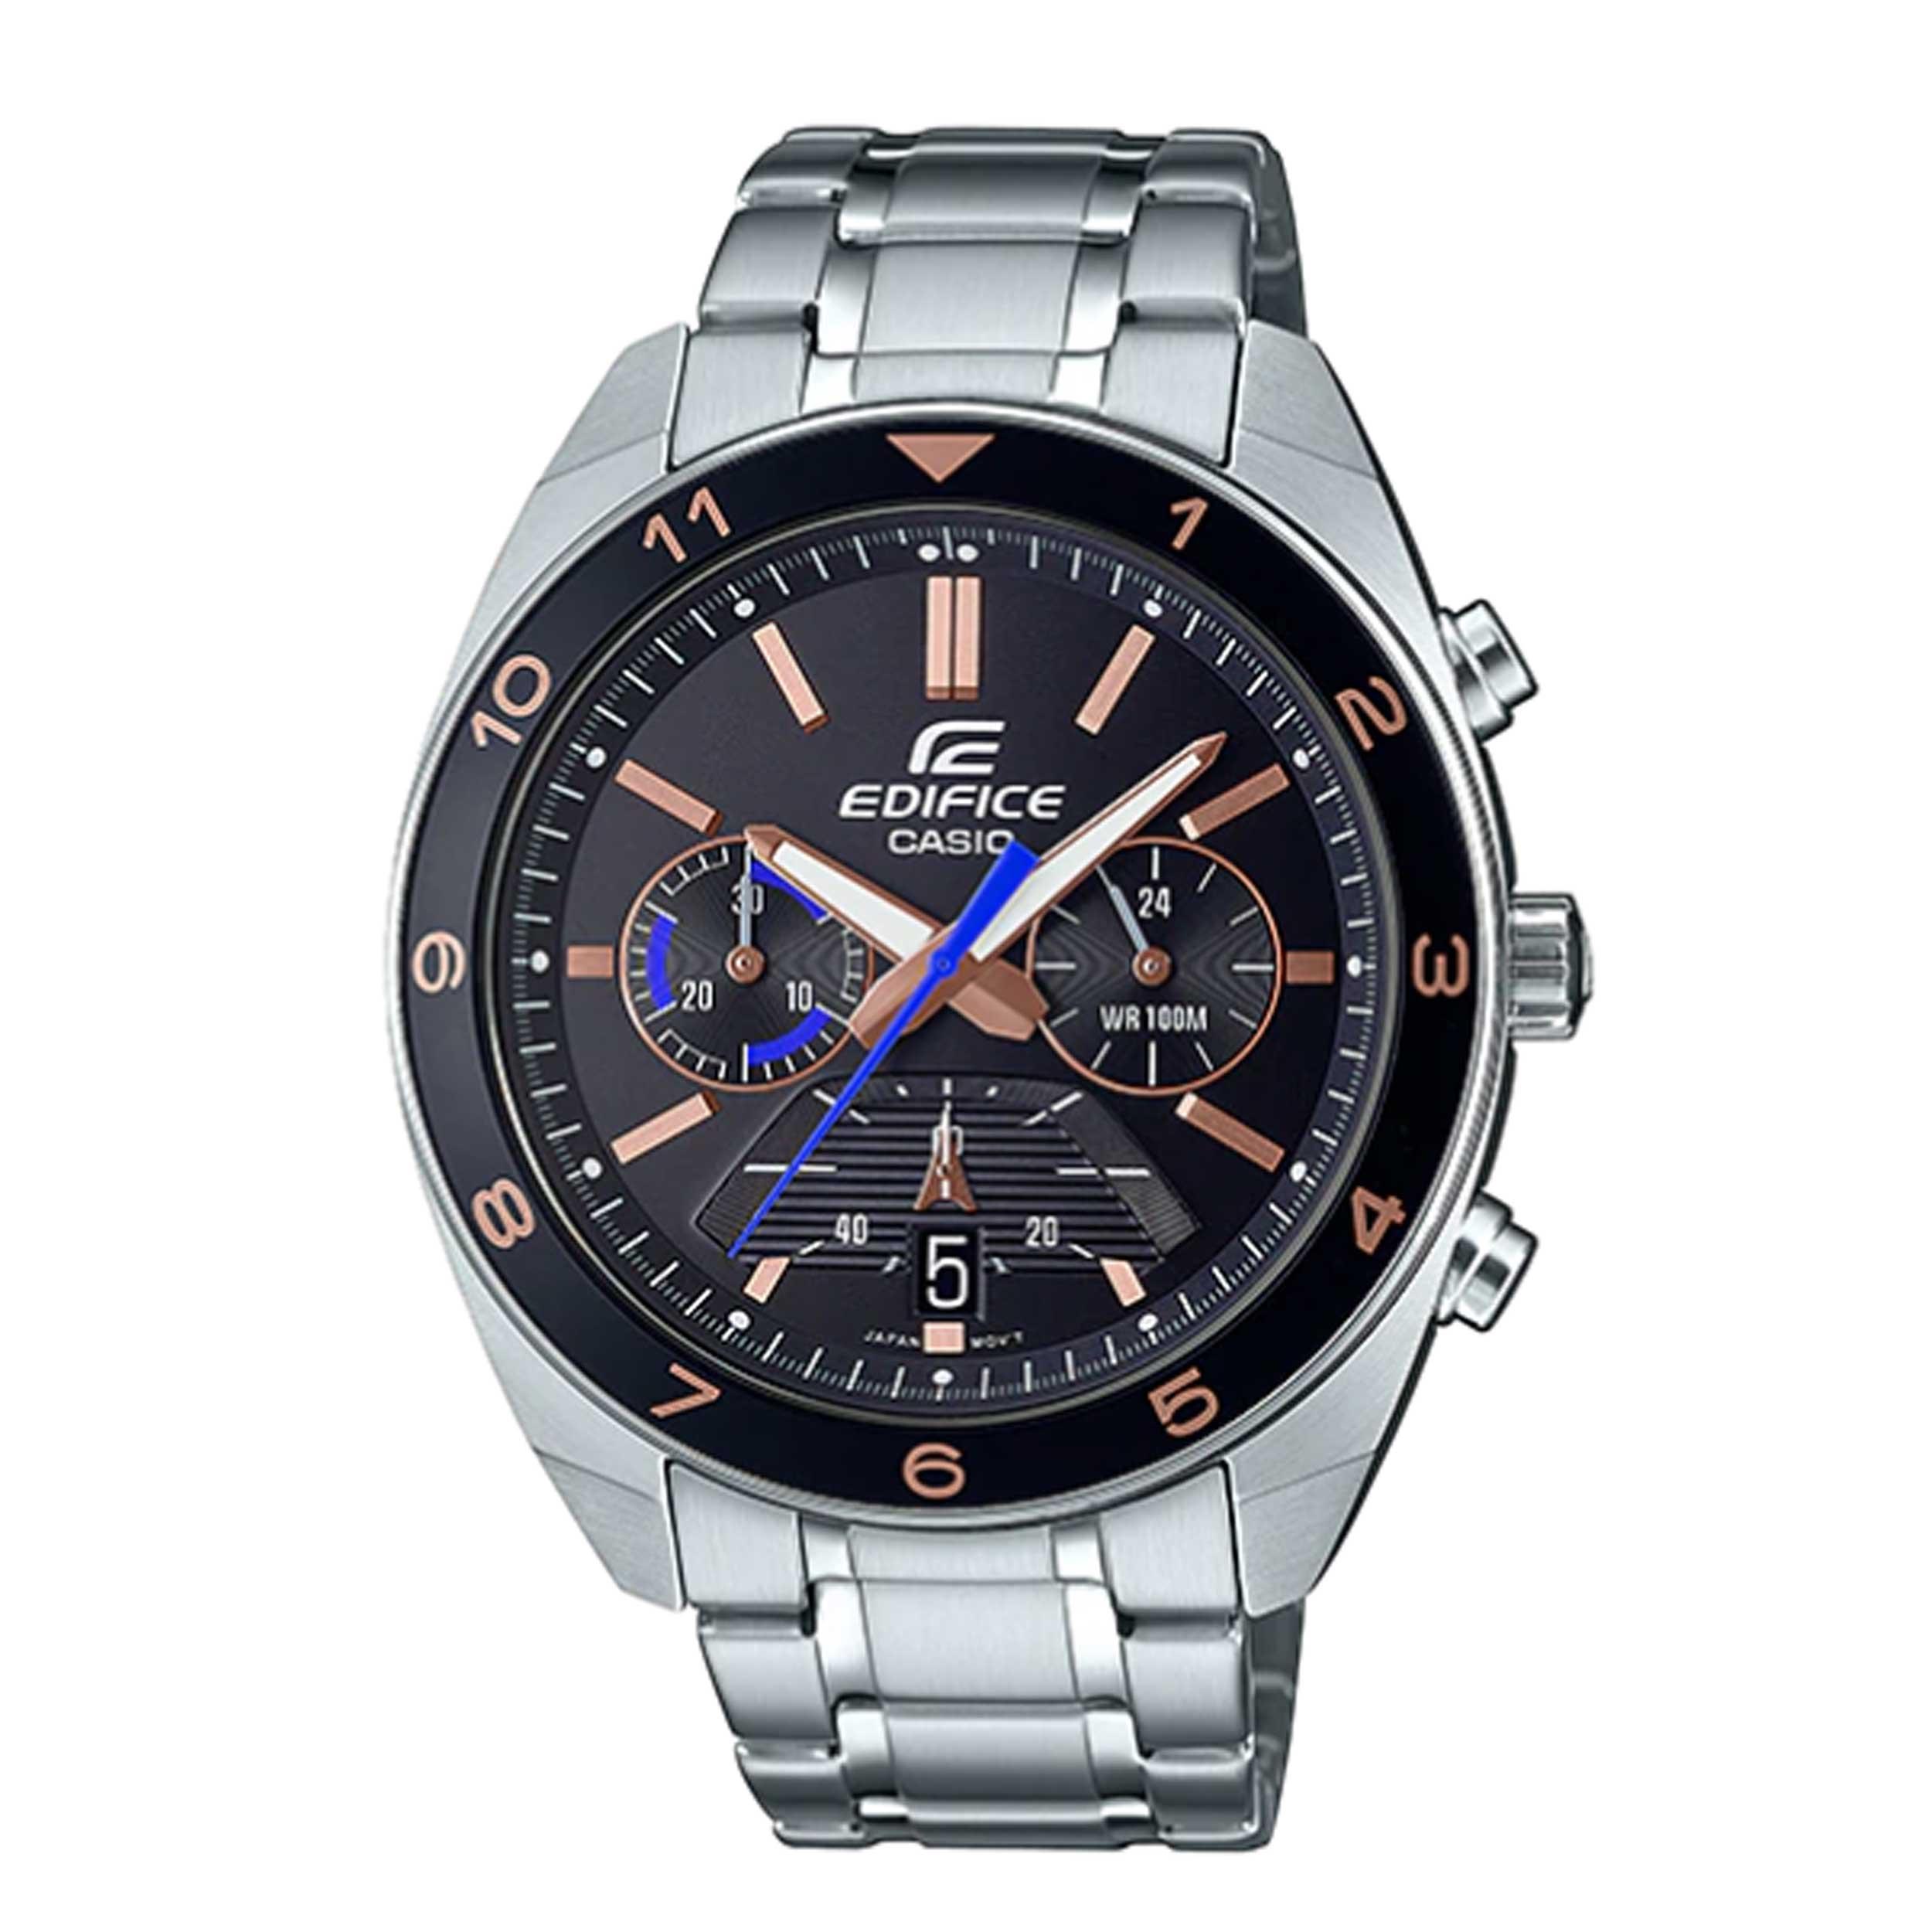 ساعت مچی عقربهای مردانه کاسیو مدل EFV-590D-1A